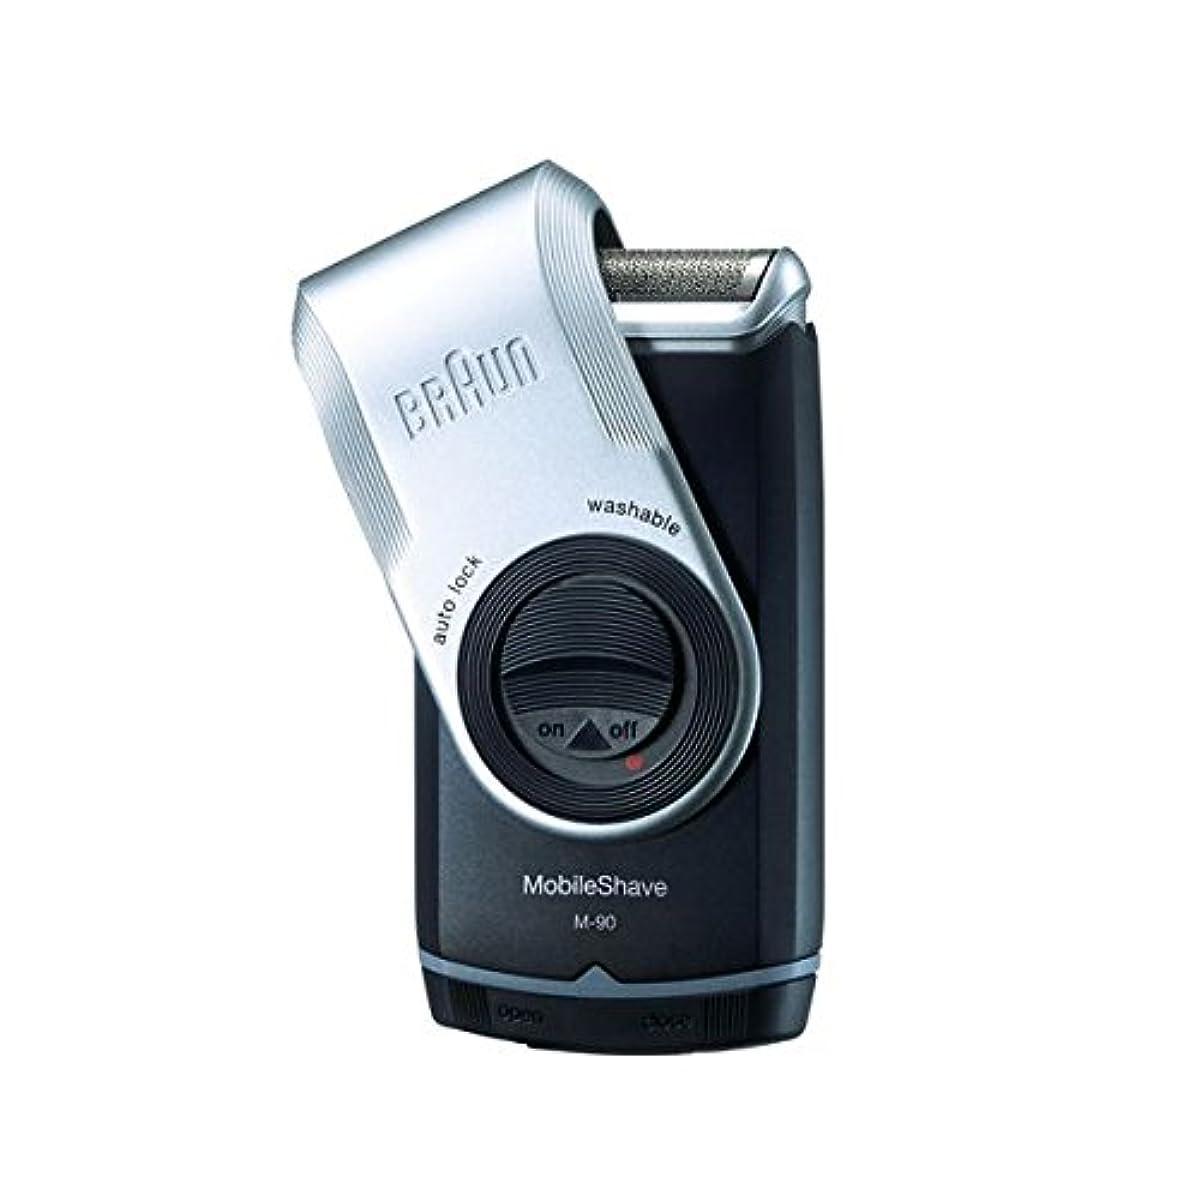 累計味わう容器BRAUN(ブラウン) シェーバー モバイルシェーブ(携帯型) M-90 ds-792921